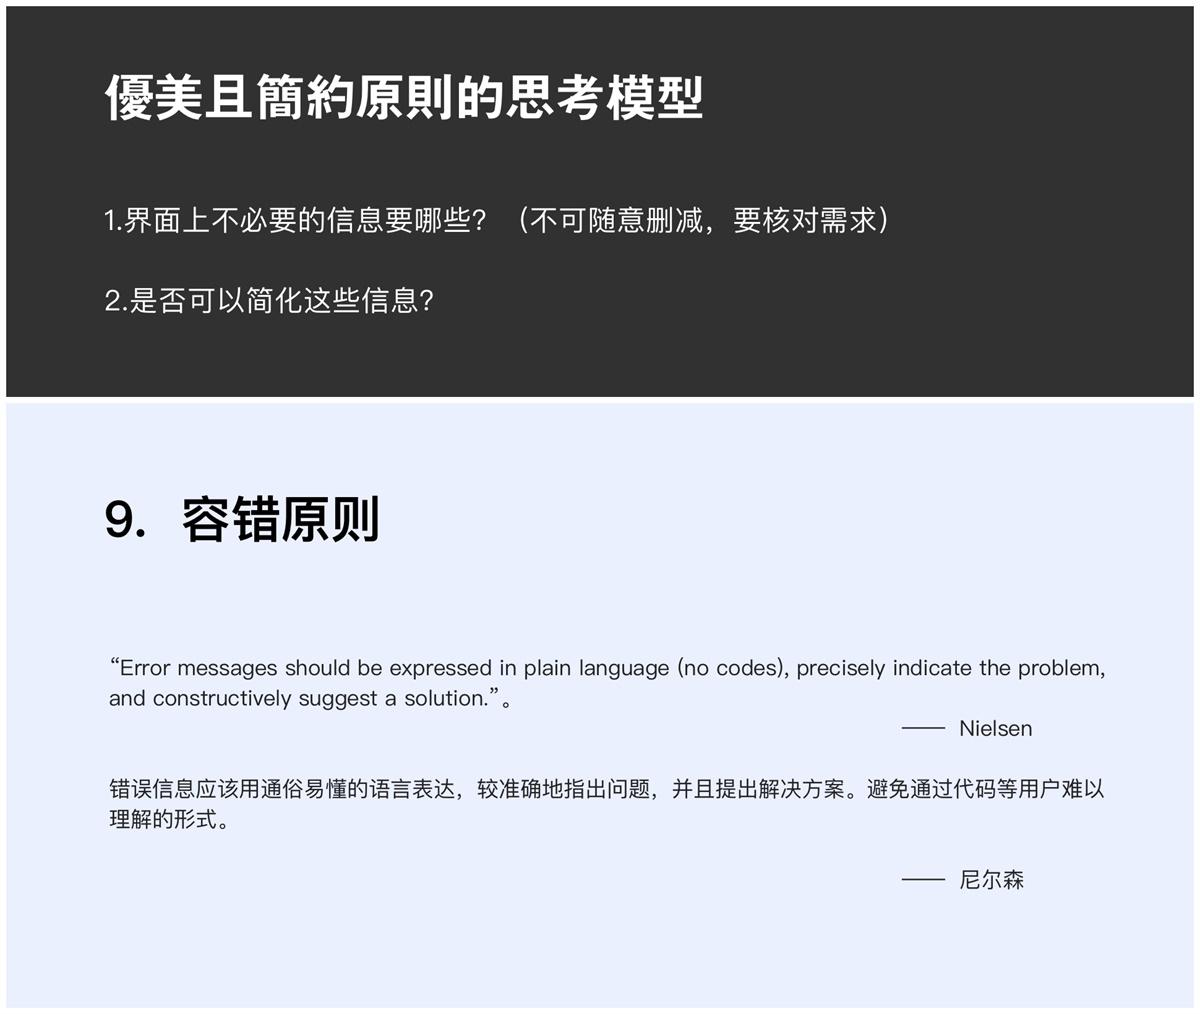 交互设计入门指南(一):尼尔森十大可用性设计原则